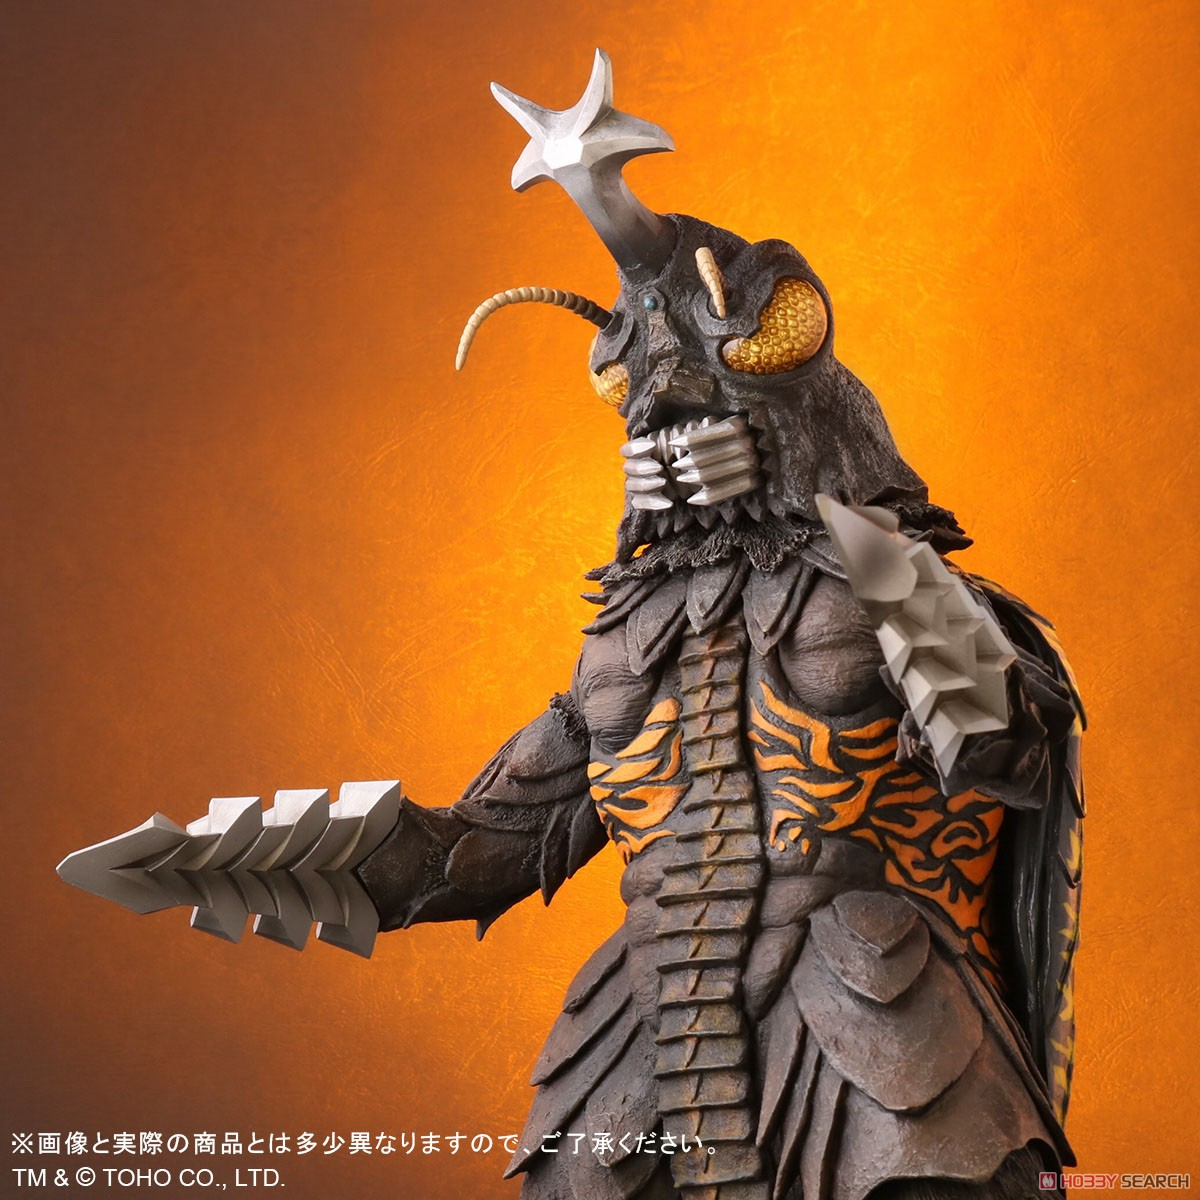 東宝30cmシリーズ『メガロ』ゴジラ対メガロ 完成品フィギュア-008